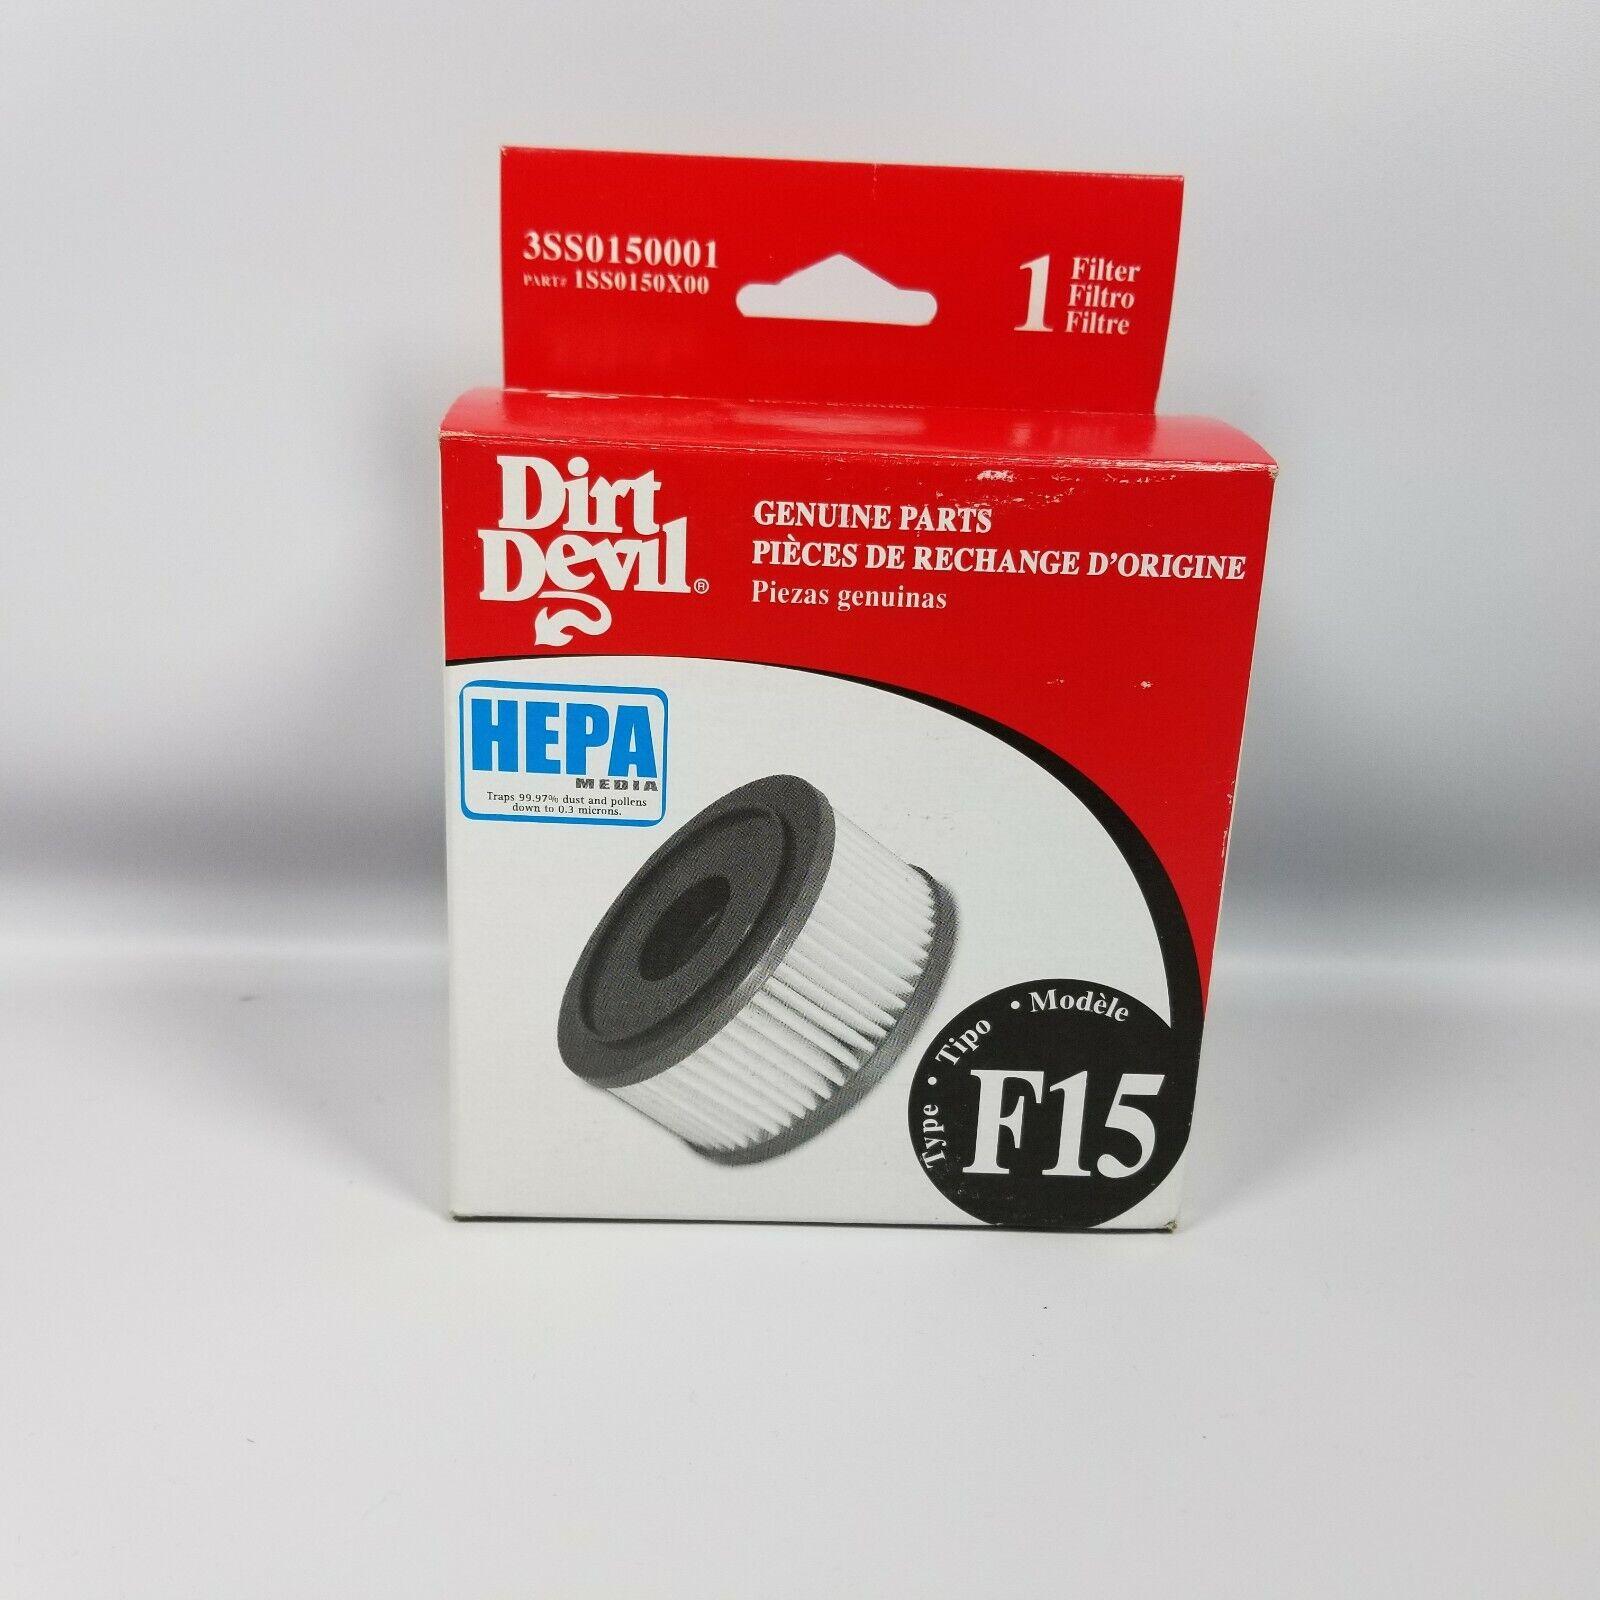 Dirt Devil Replacement Filter - HEPA